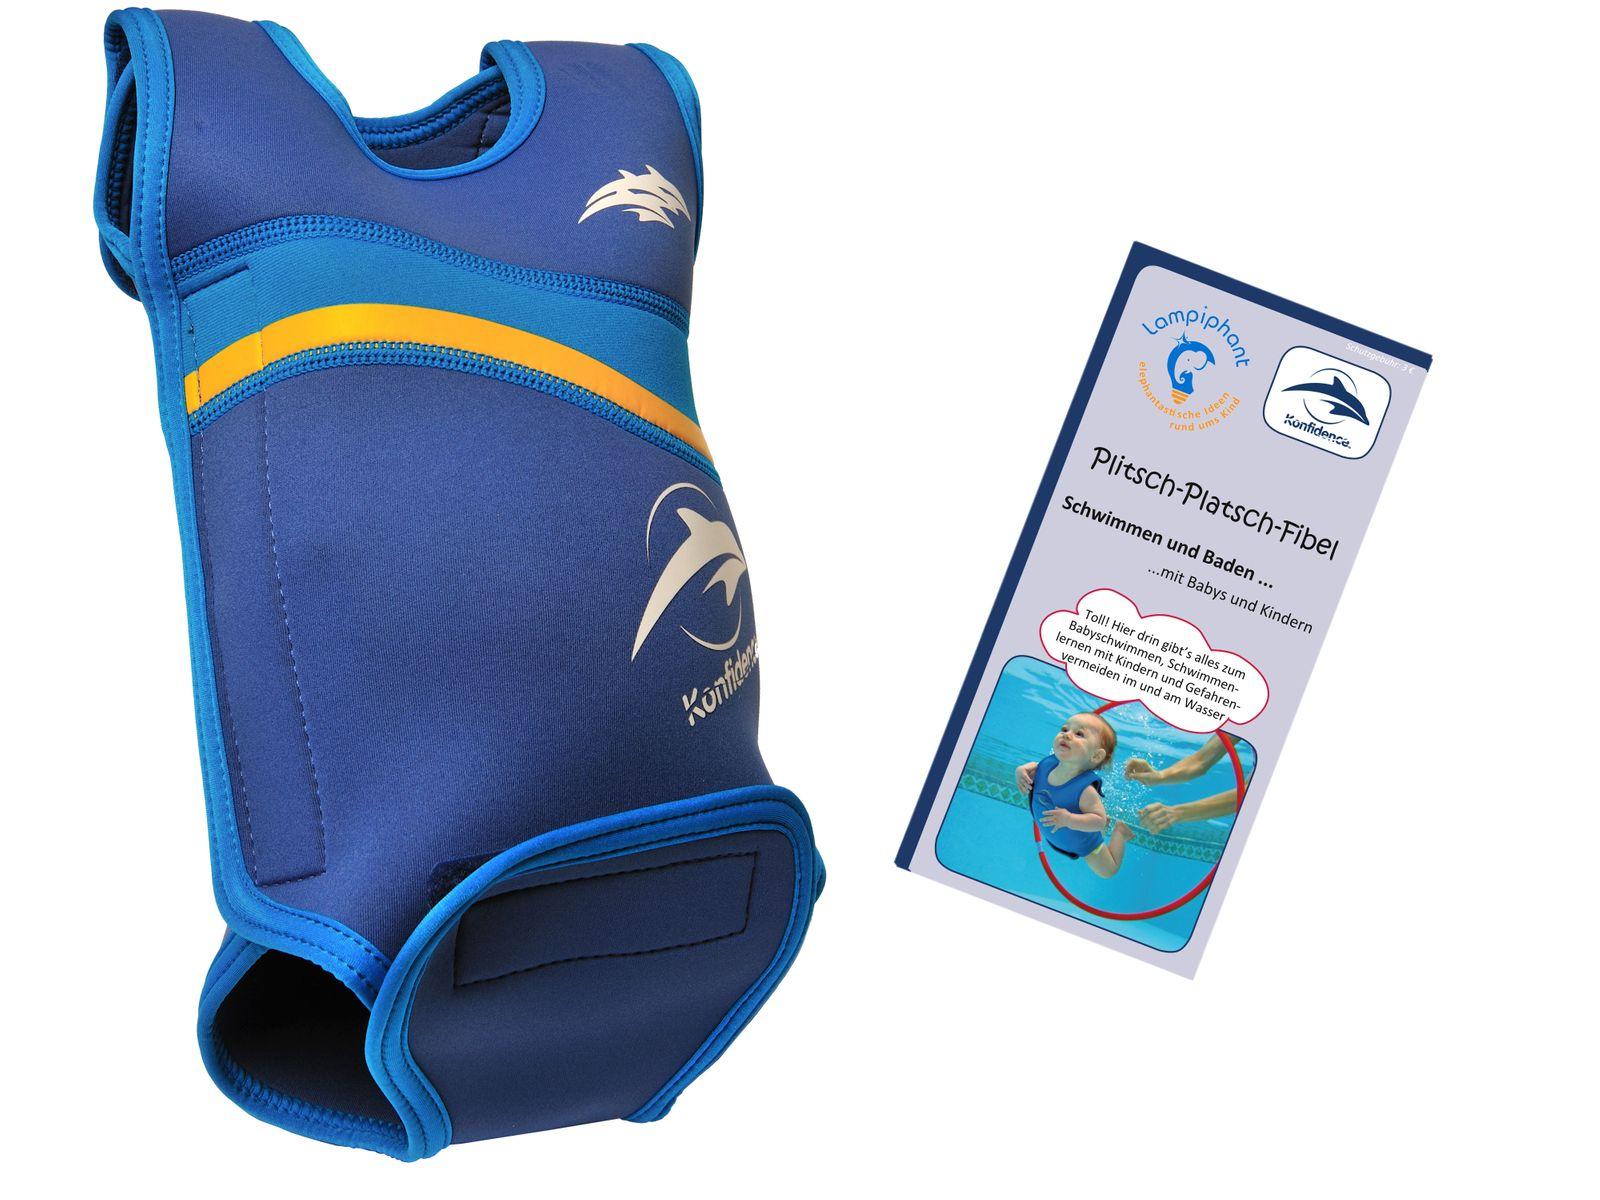 Lampiphant® + Konfidence Babywarma, Schwimm-Anzug mit Plitsch-Platsch-Fibel – Bild 9